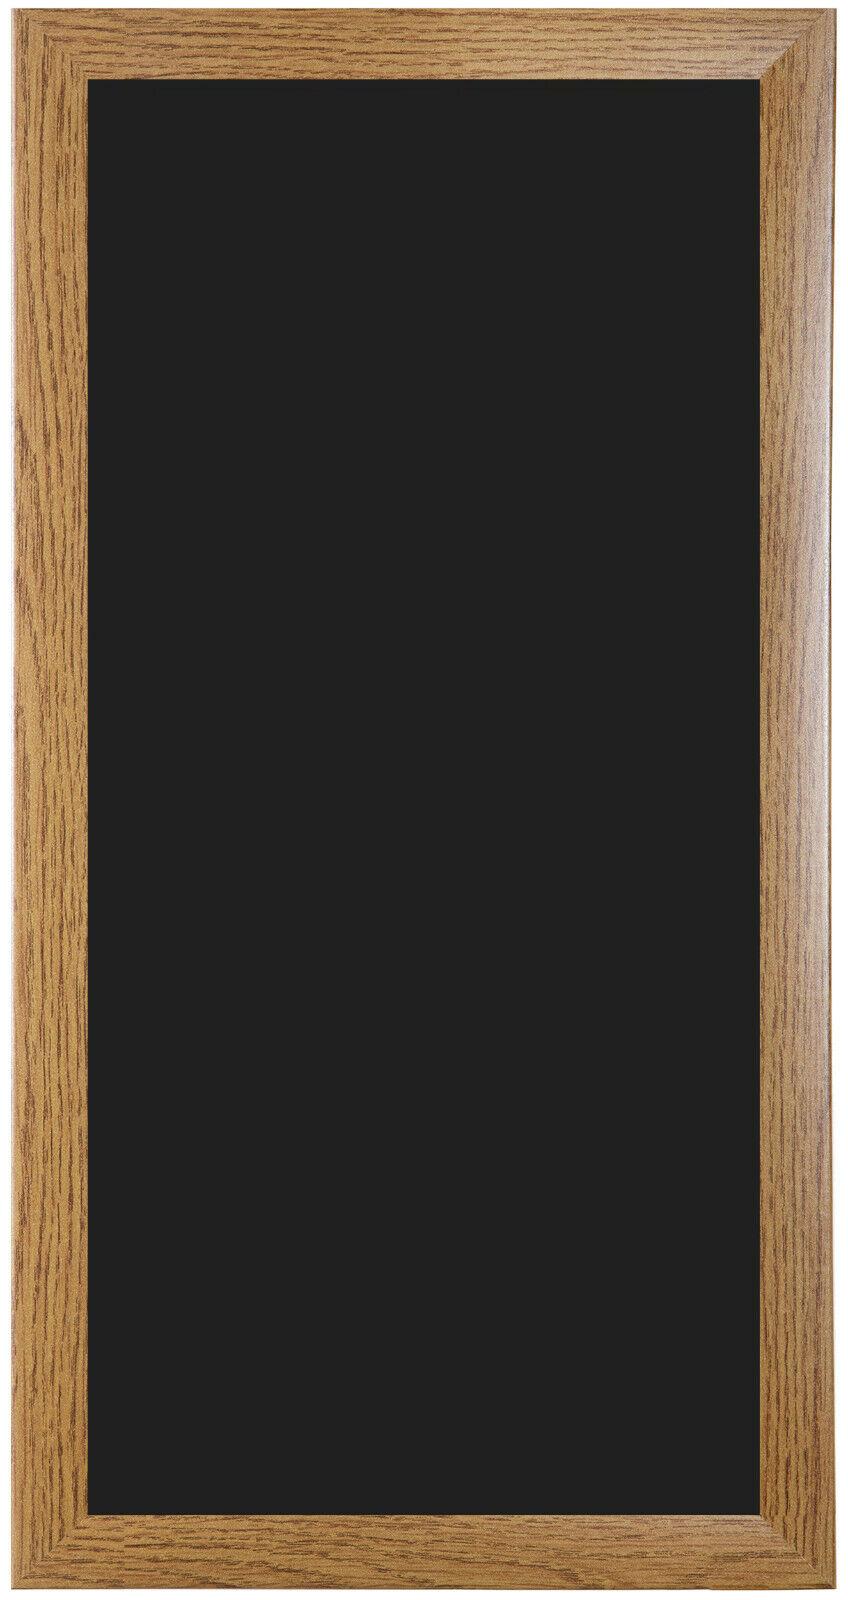 Kreidetafel nach Maß - Eiche Rustikal Holzrahmen - Tafel Schreibtafel in Schwarz